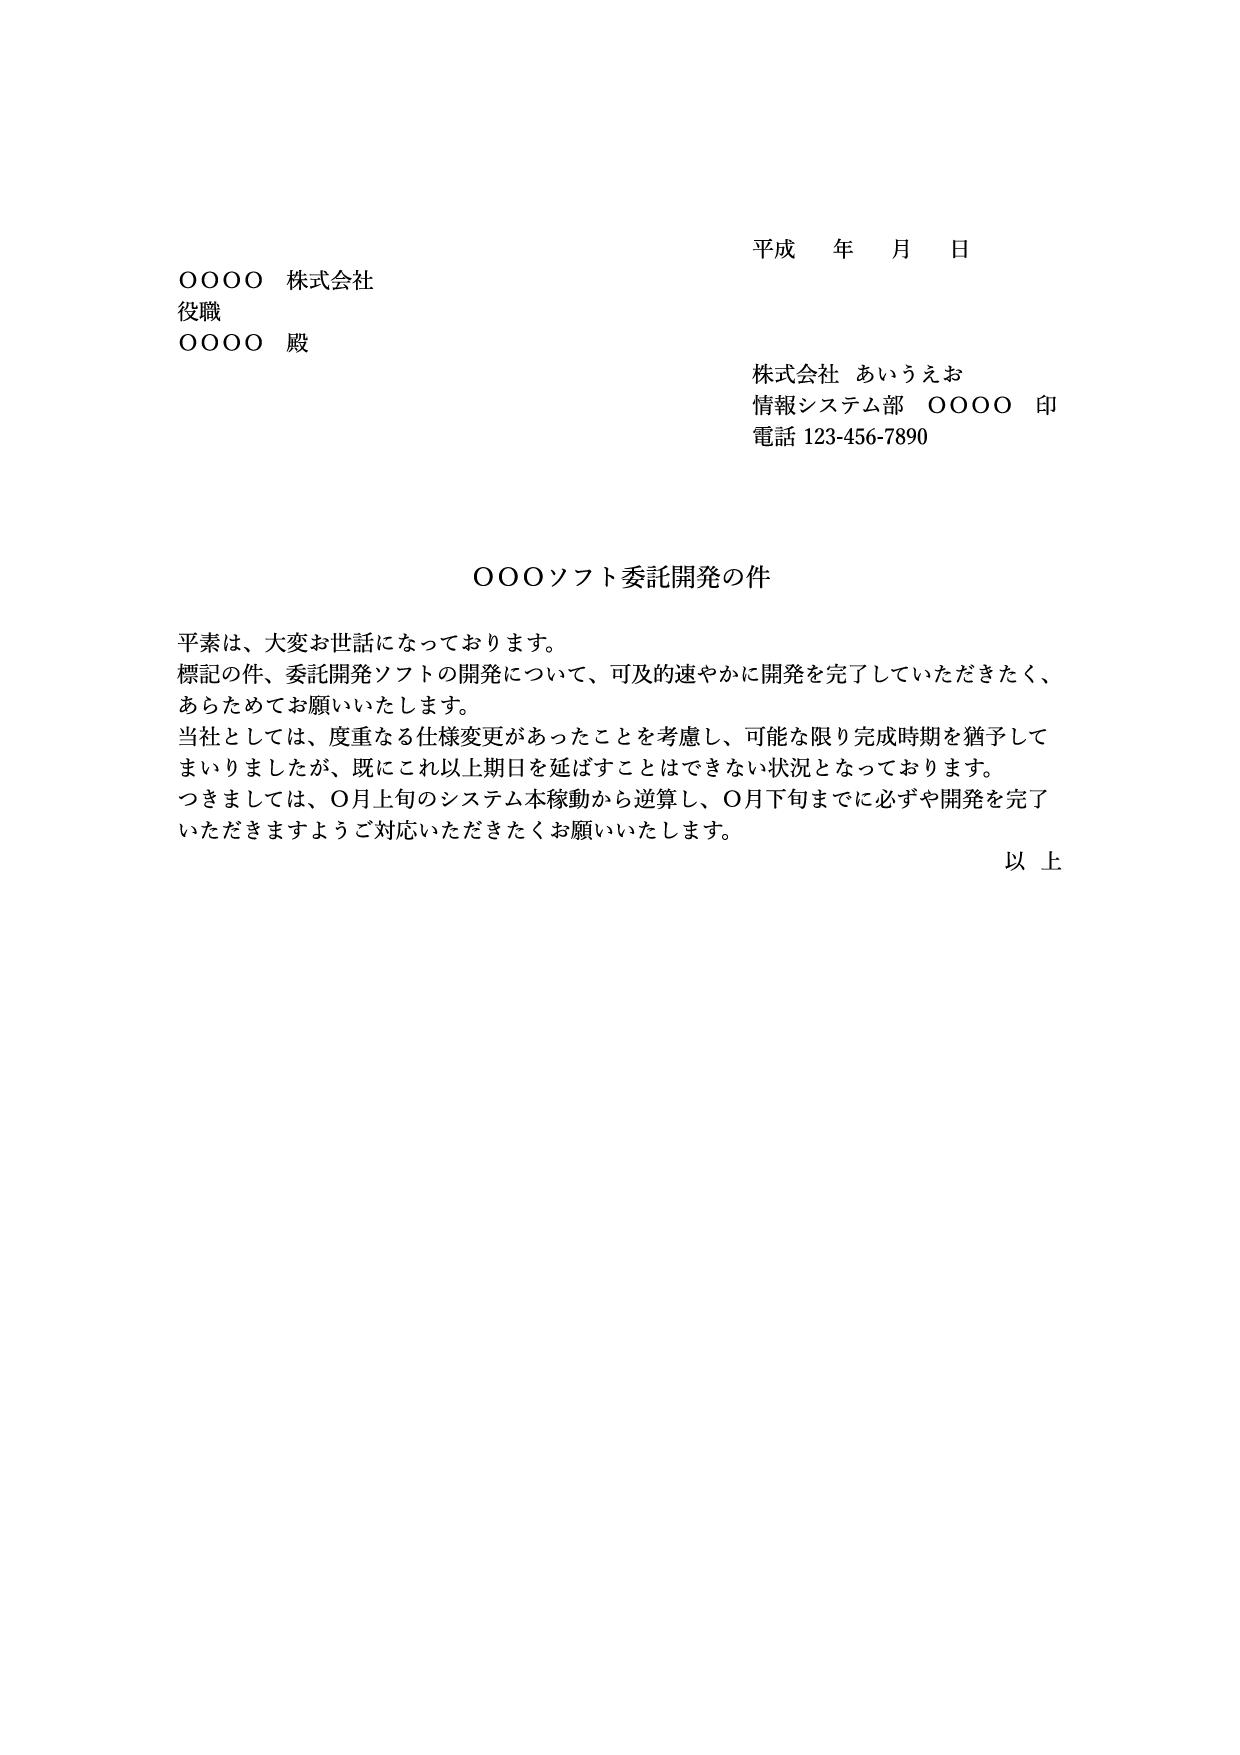 督促状テンプレート『作業完了報告』(ワード・ページズ)